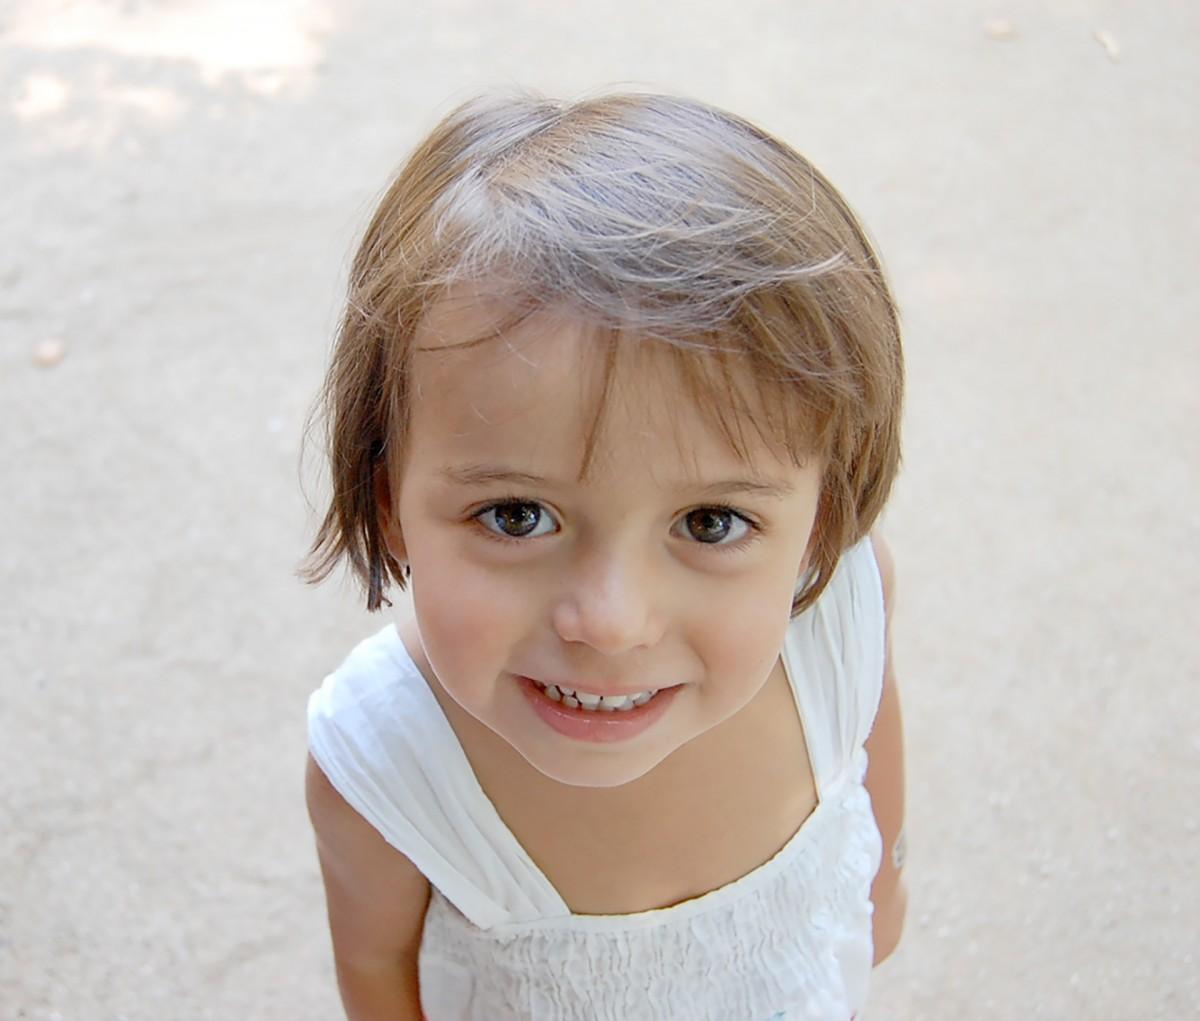 Person Menschen Mädchen Fotografie Porträt Kind Gesichtsausdruck Frisur lächelnd Lächeln Nahansicht Gesicht Augen Kinder glücklich Säugling Kleinkind Auge Kopf Haut Schönheit Organ Zähne Emotion Portraitfotografie Kind-Modell Freude aussehen